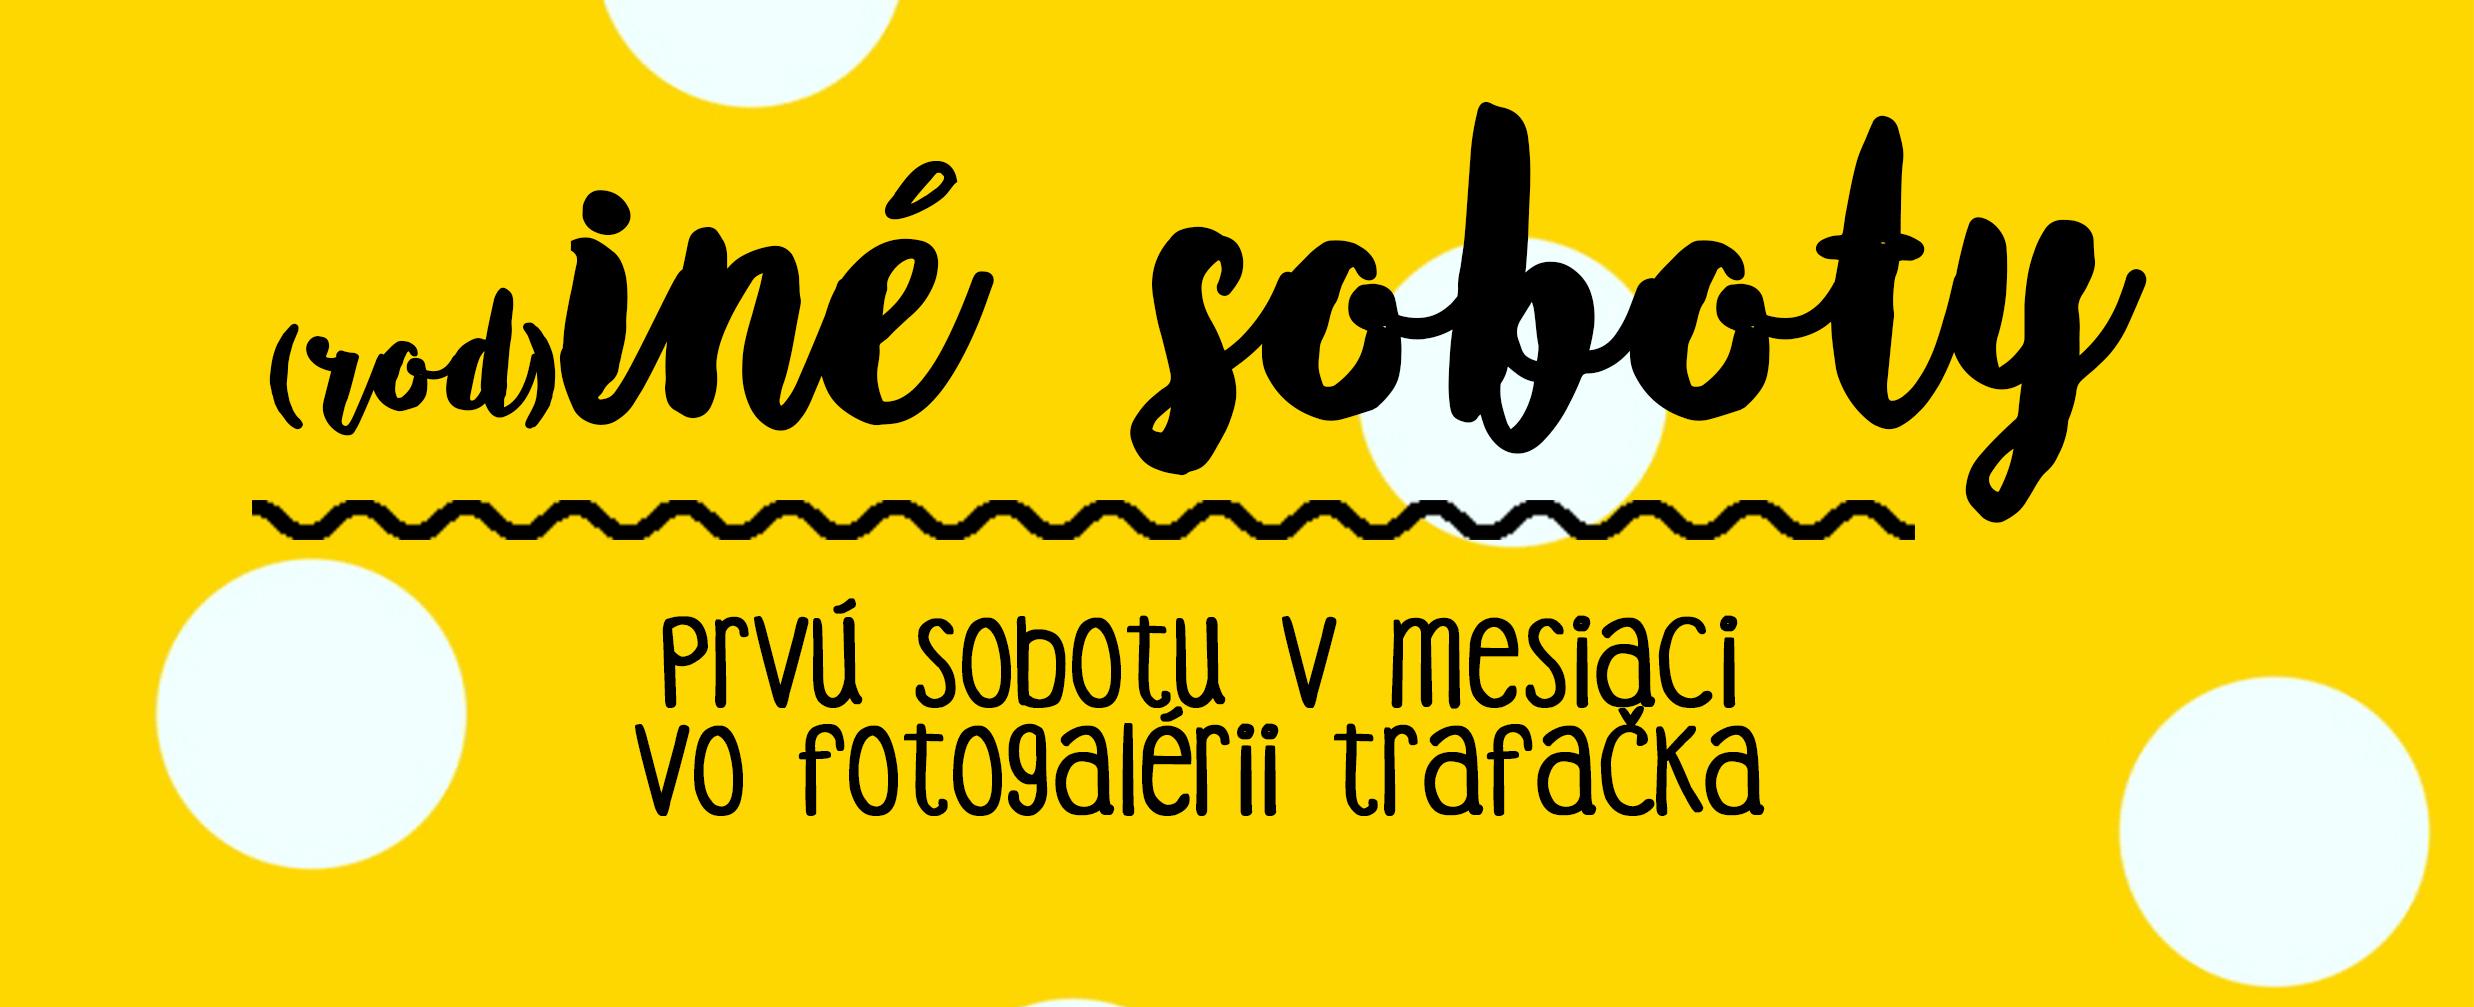 Štartujú (rod)INÉ soboty - Katalóg firiem  9d3651a93ce